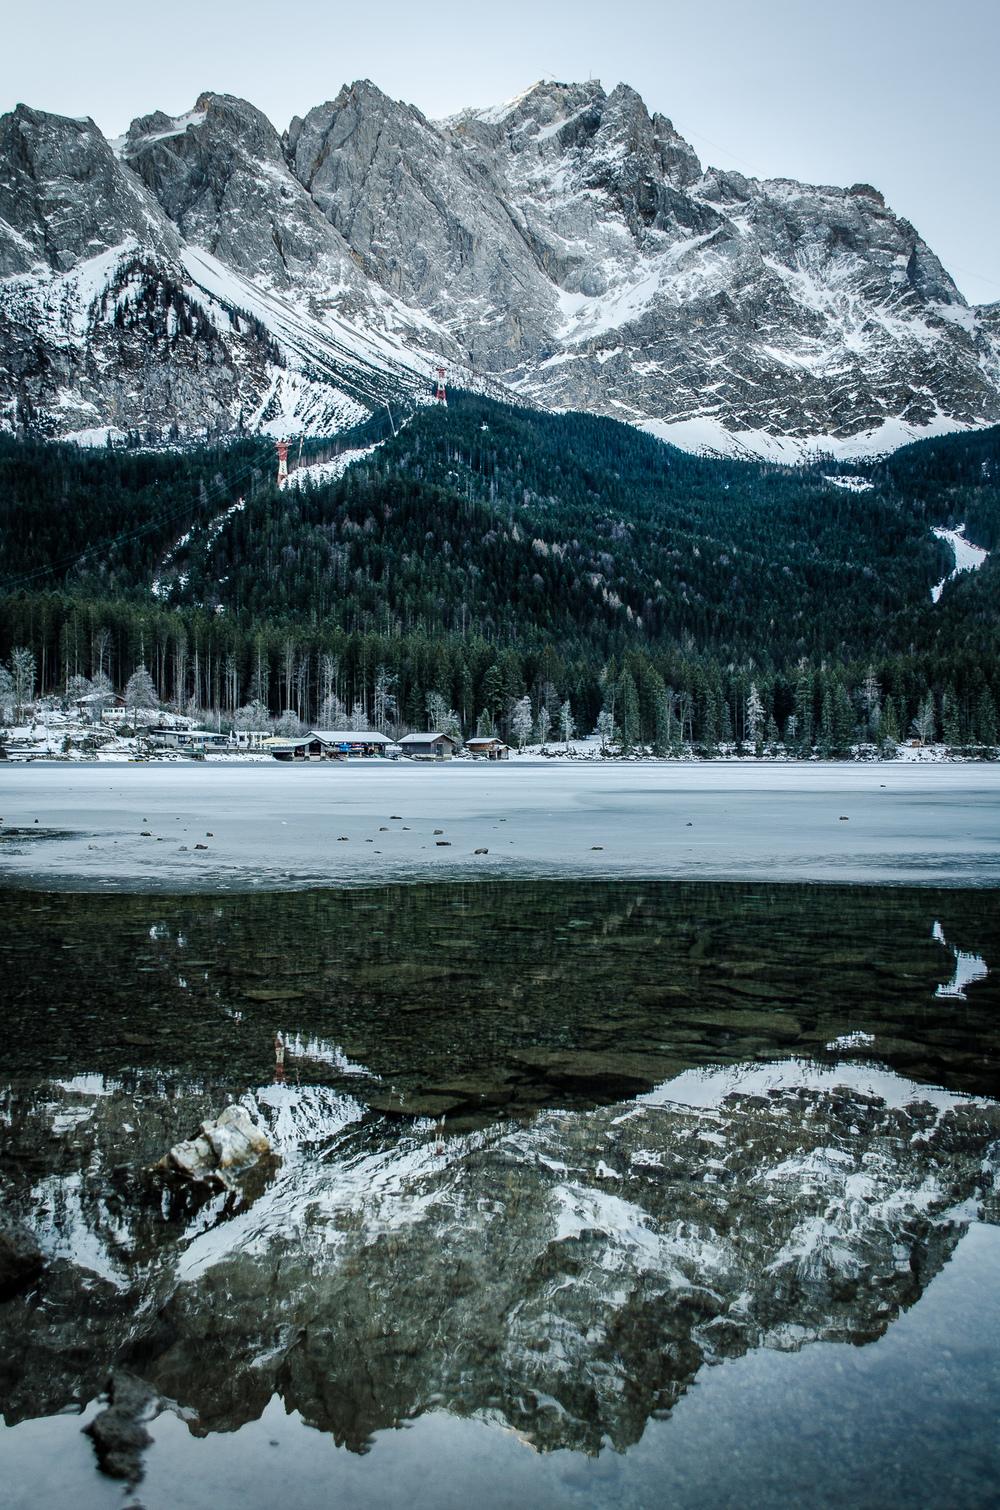 20160130_outdoor_landscape_garmisch_eibsee_christoph_schlein-3965.jpg